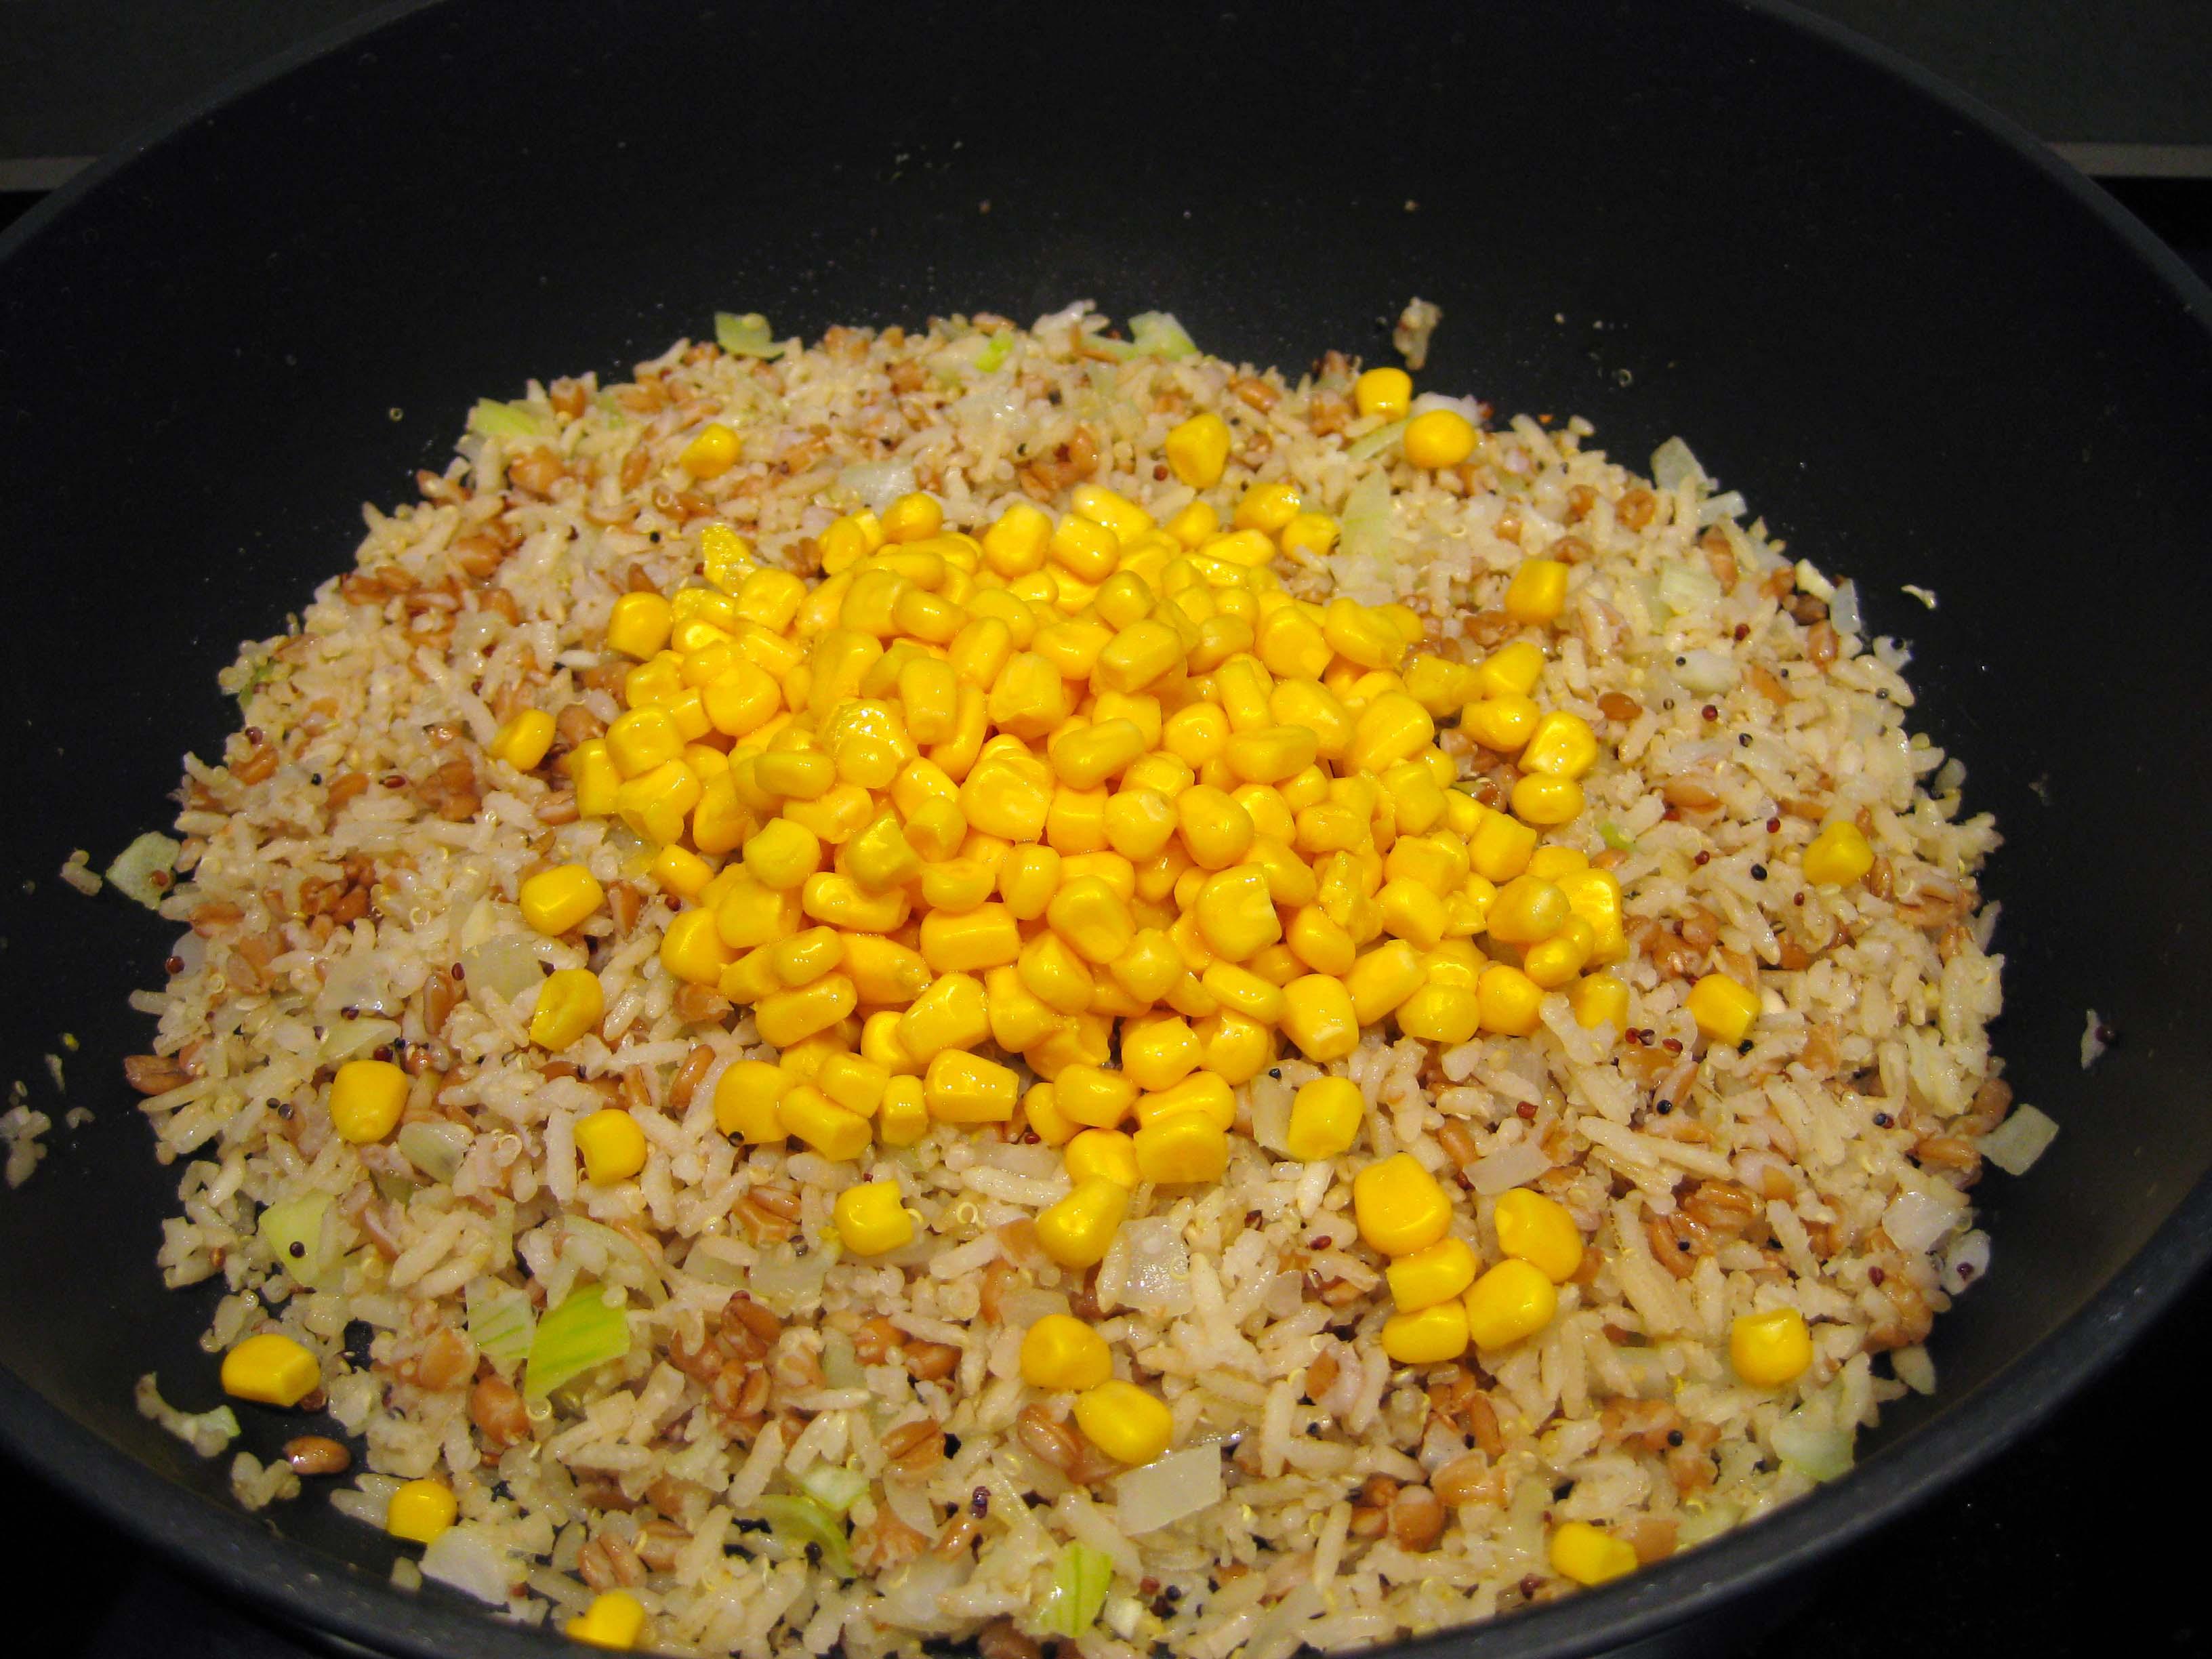 rijst met mais